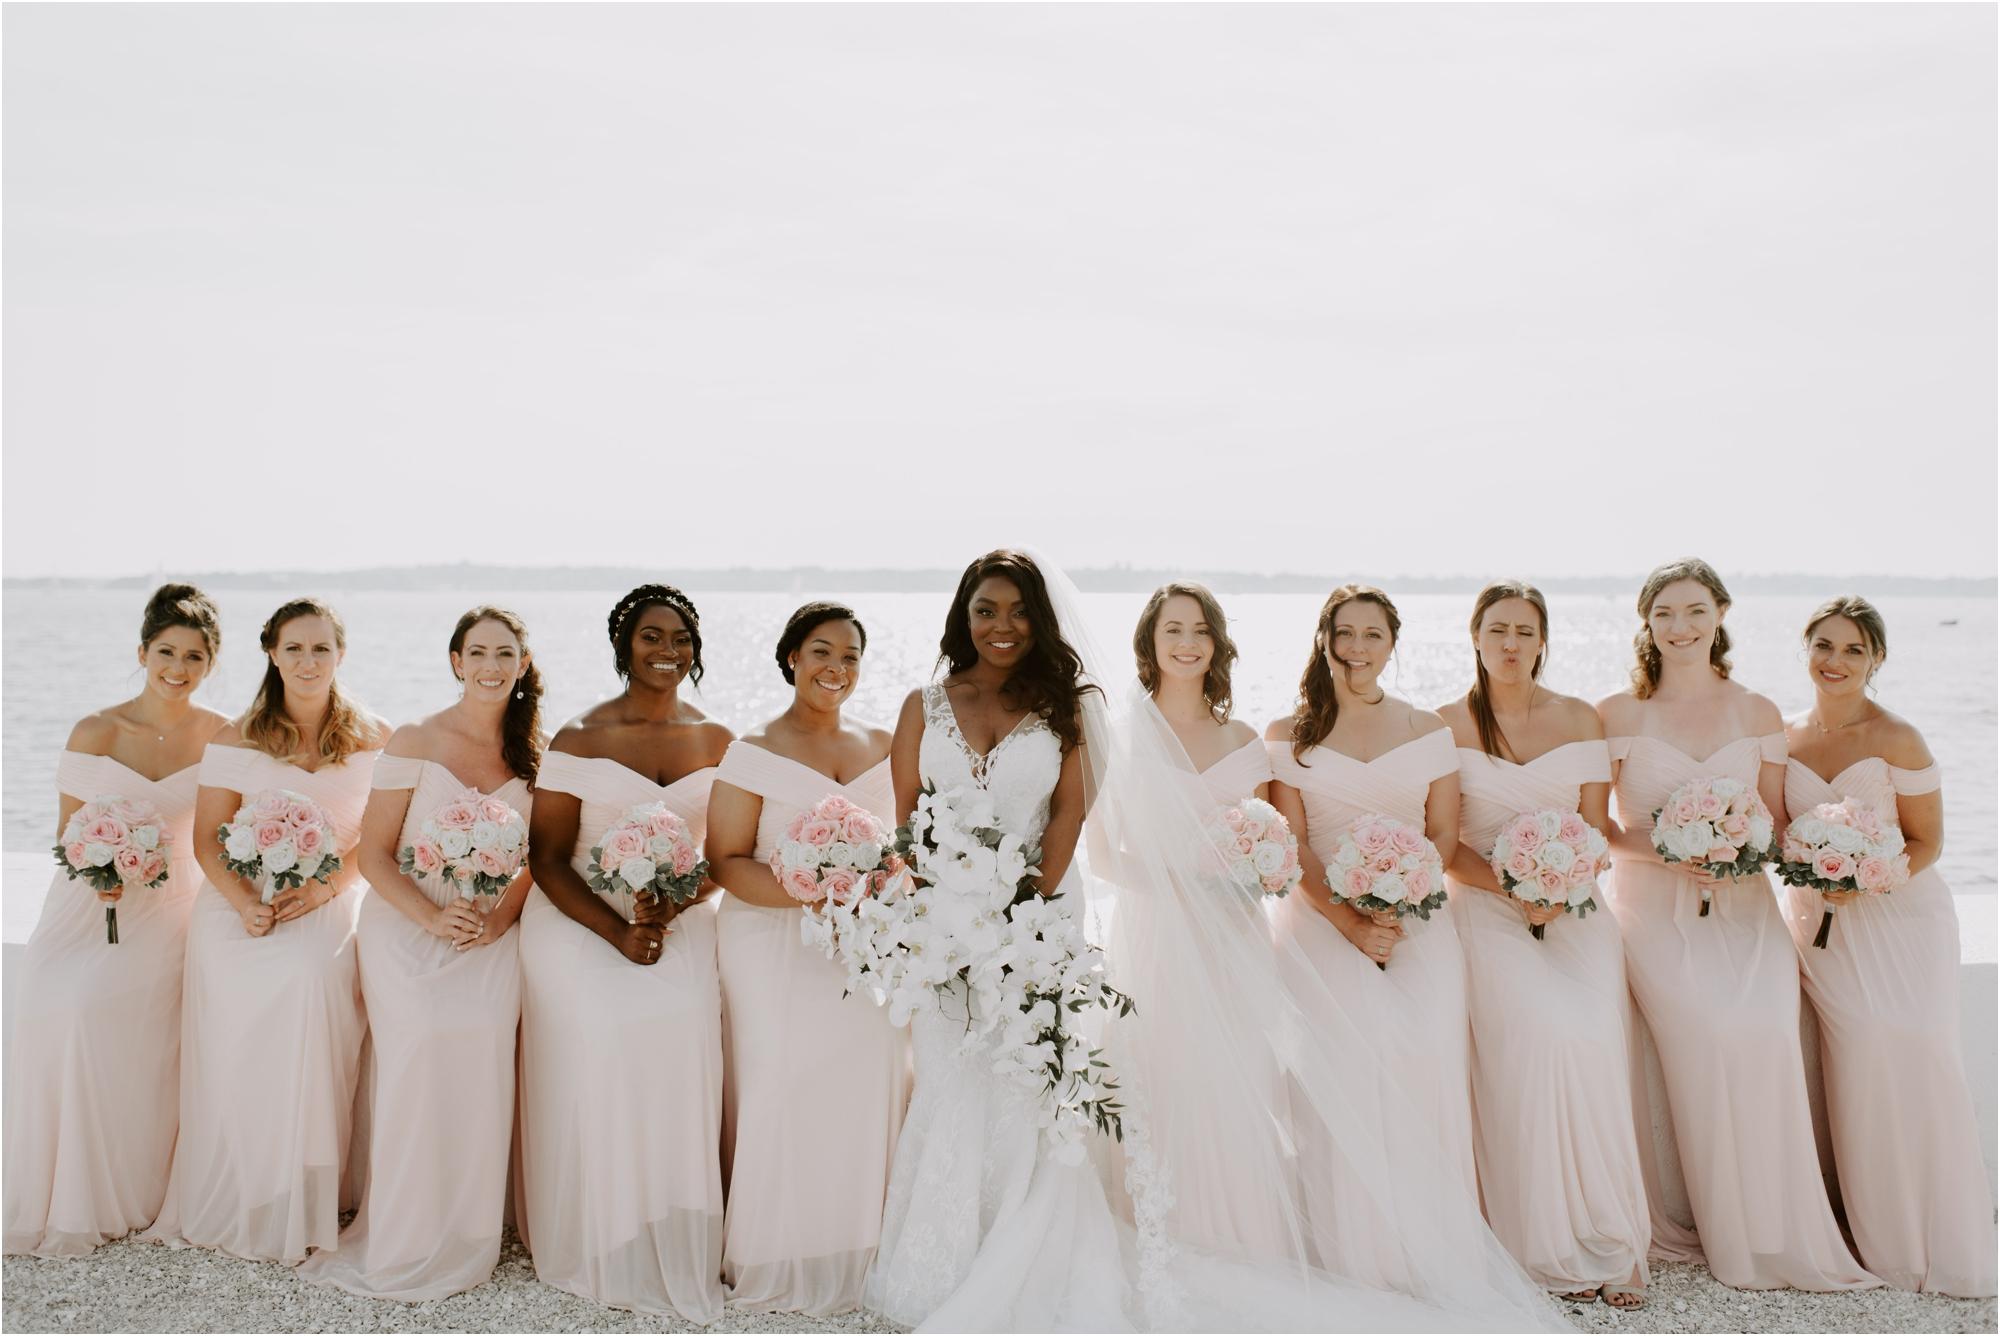 JANELLEANDJULIAN-wedding-madelinerosephotographyco_0015.jpg